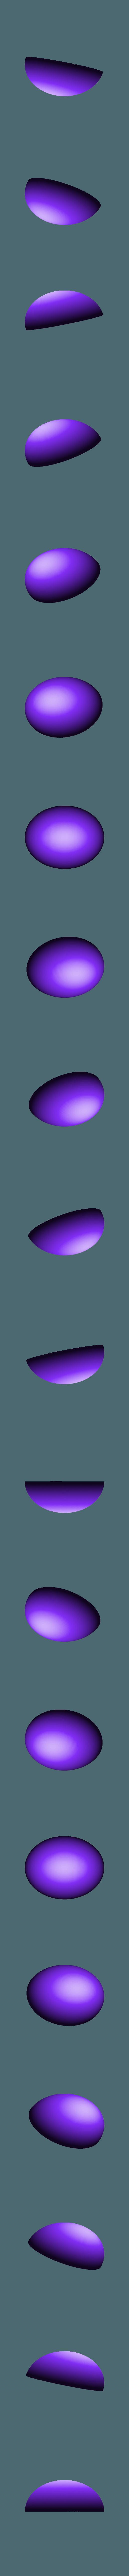 eye_left_black.stl Télécharger fichier STL gratuit Koala (de la série animée Pucca) MMU • Objet à imprimer en 3D, Jangie